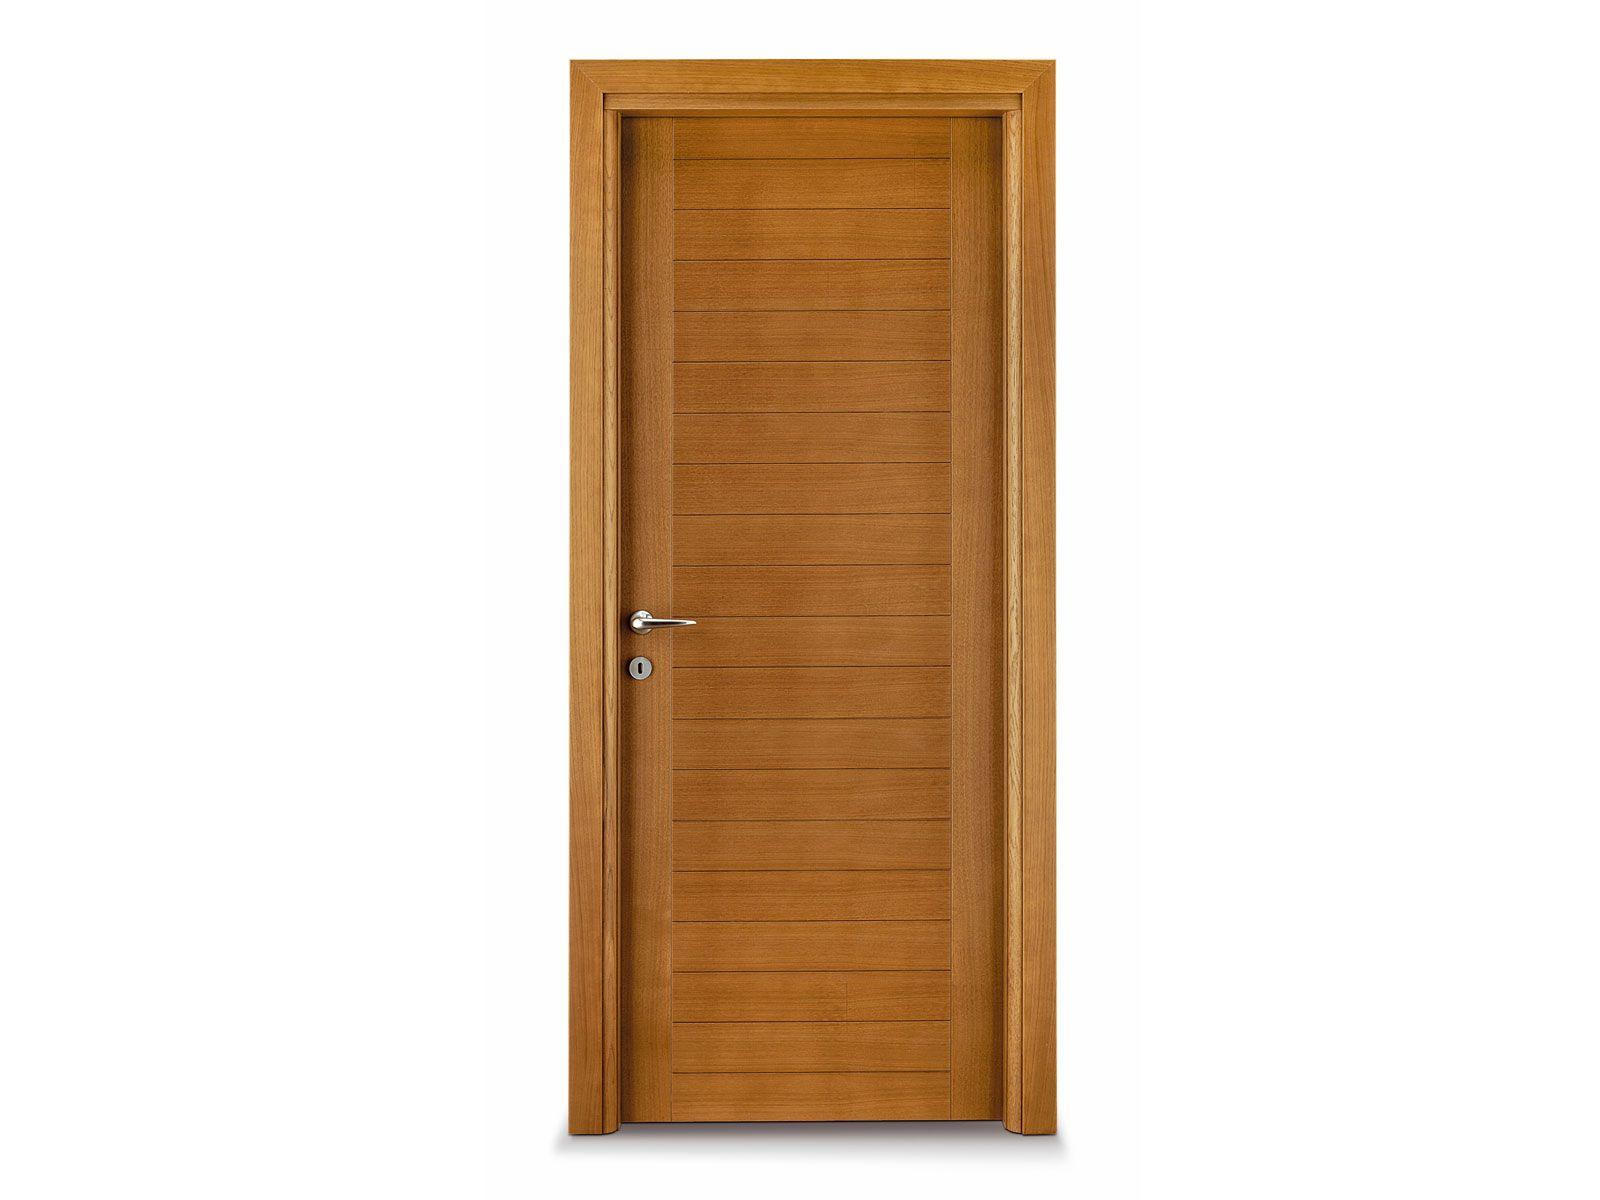 Puerta batiente de madera marina colecci n colore by for Puertas de madera cordoba